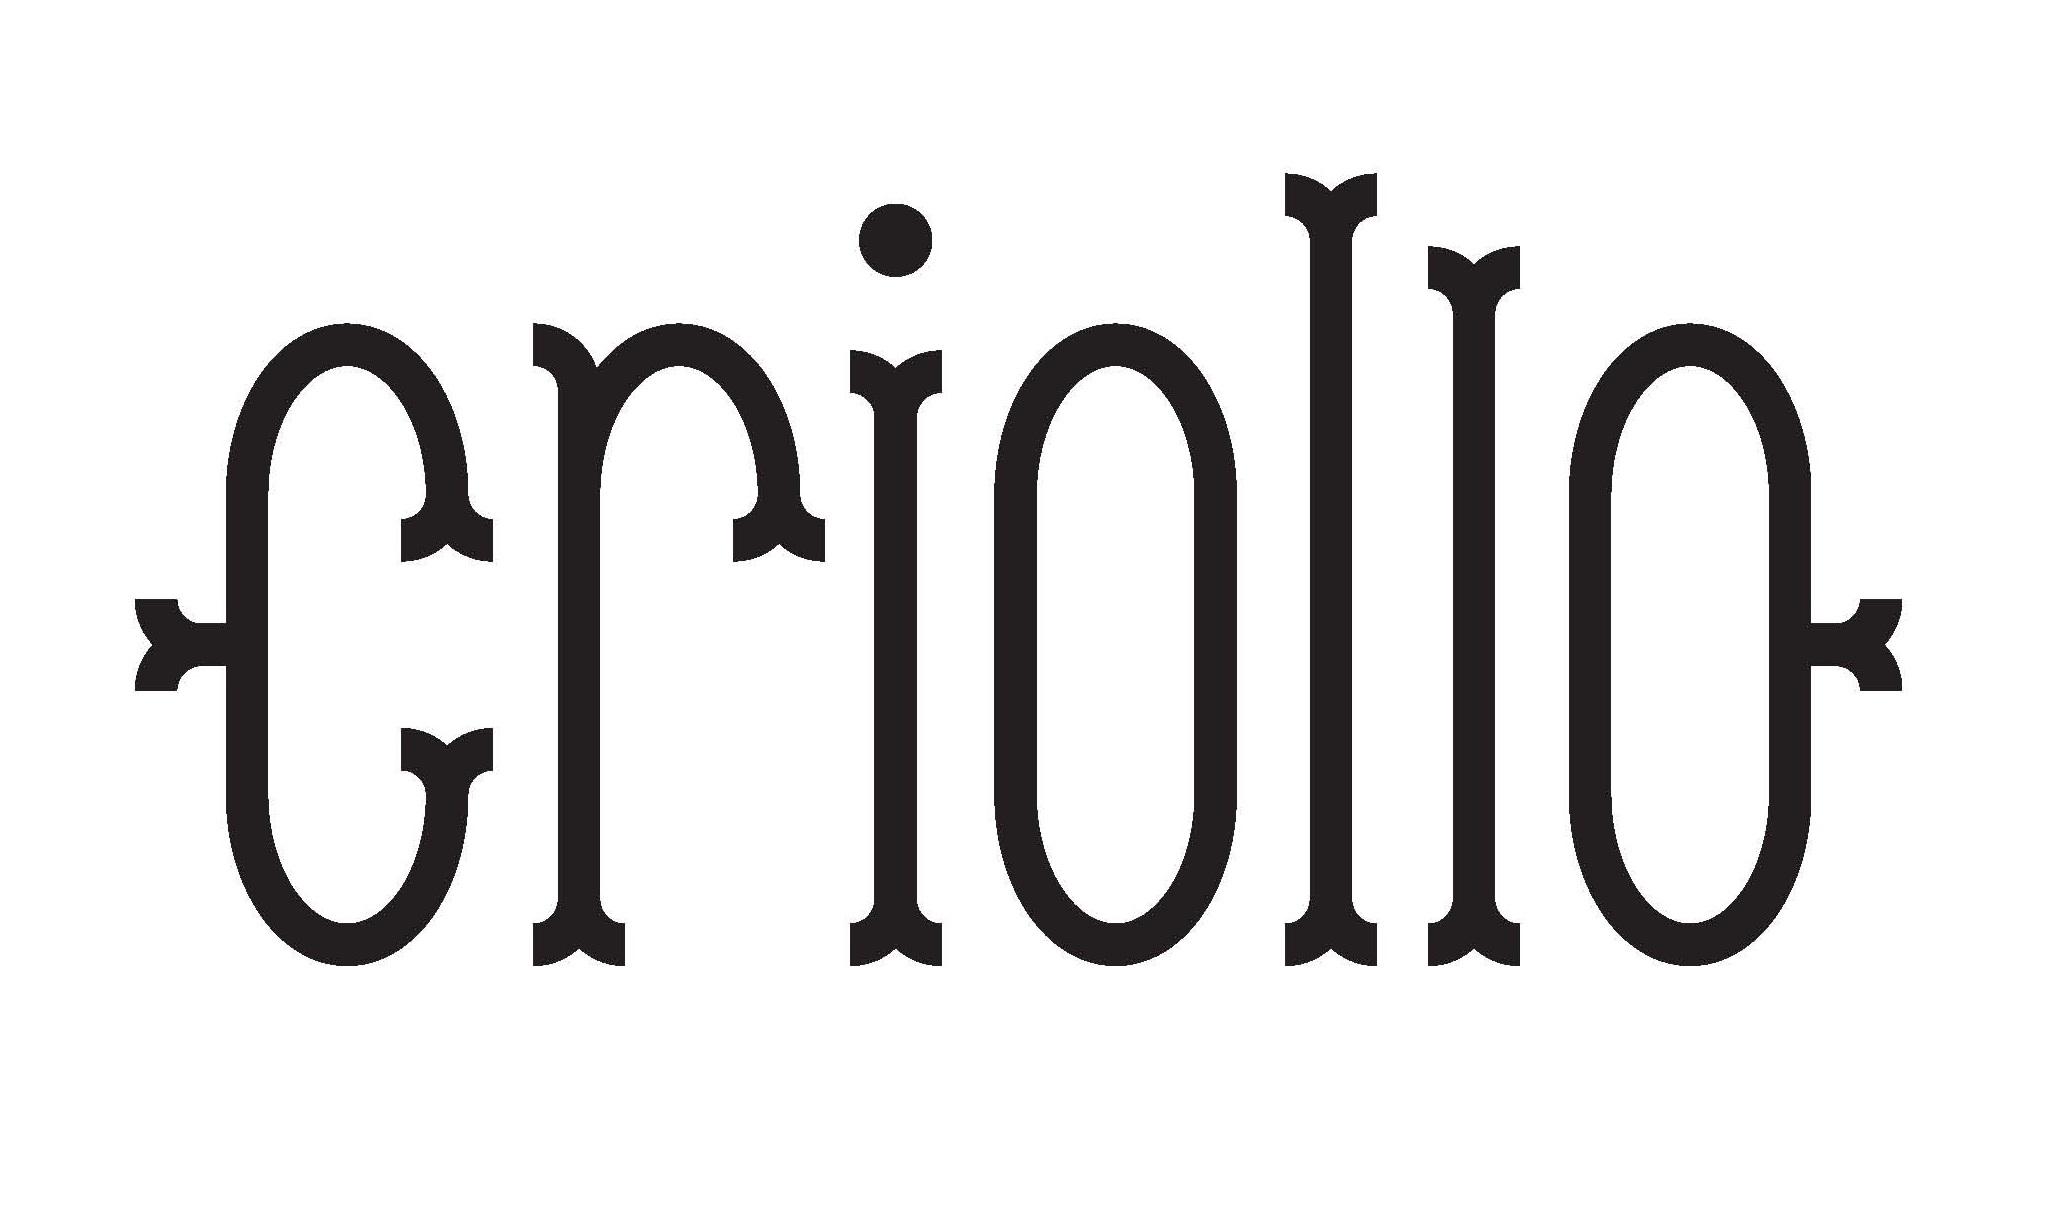 criollo 2.jpg